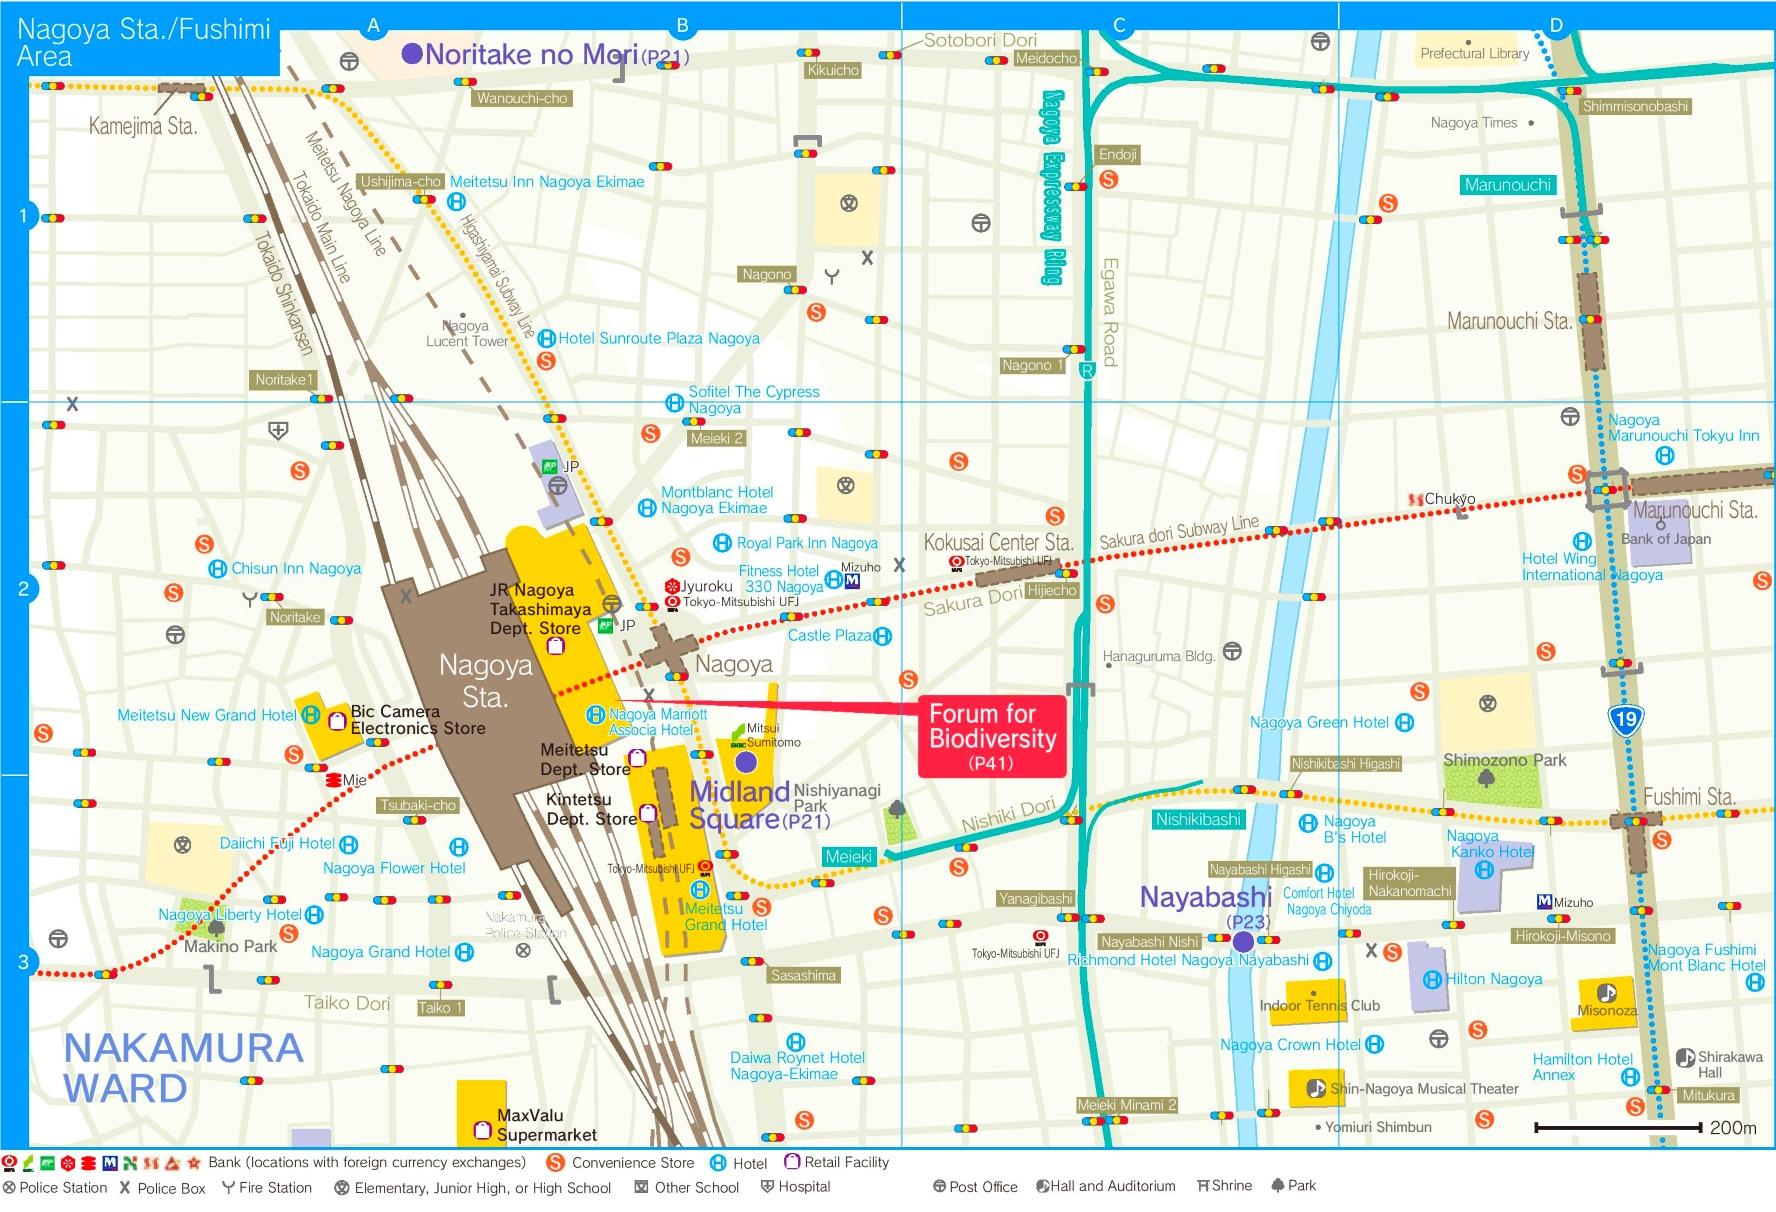 Nagoya station area map